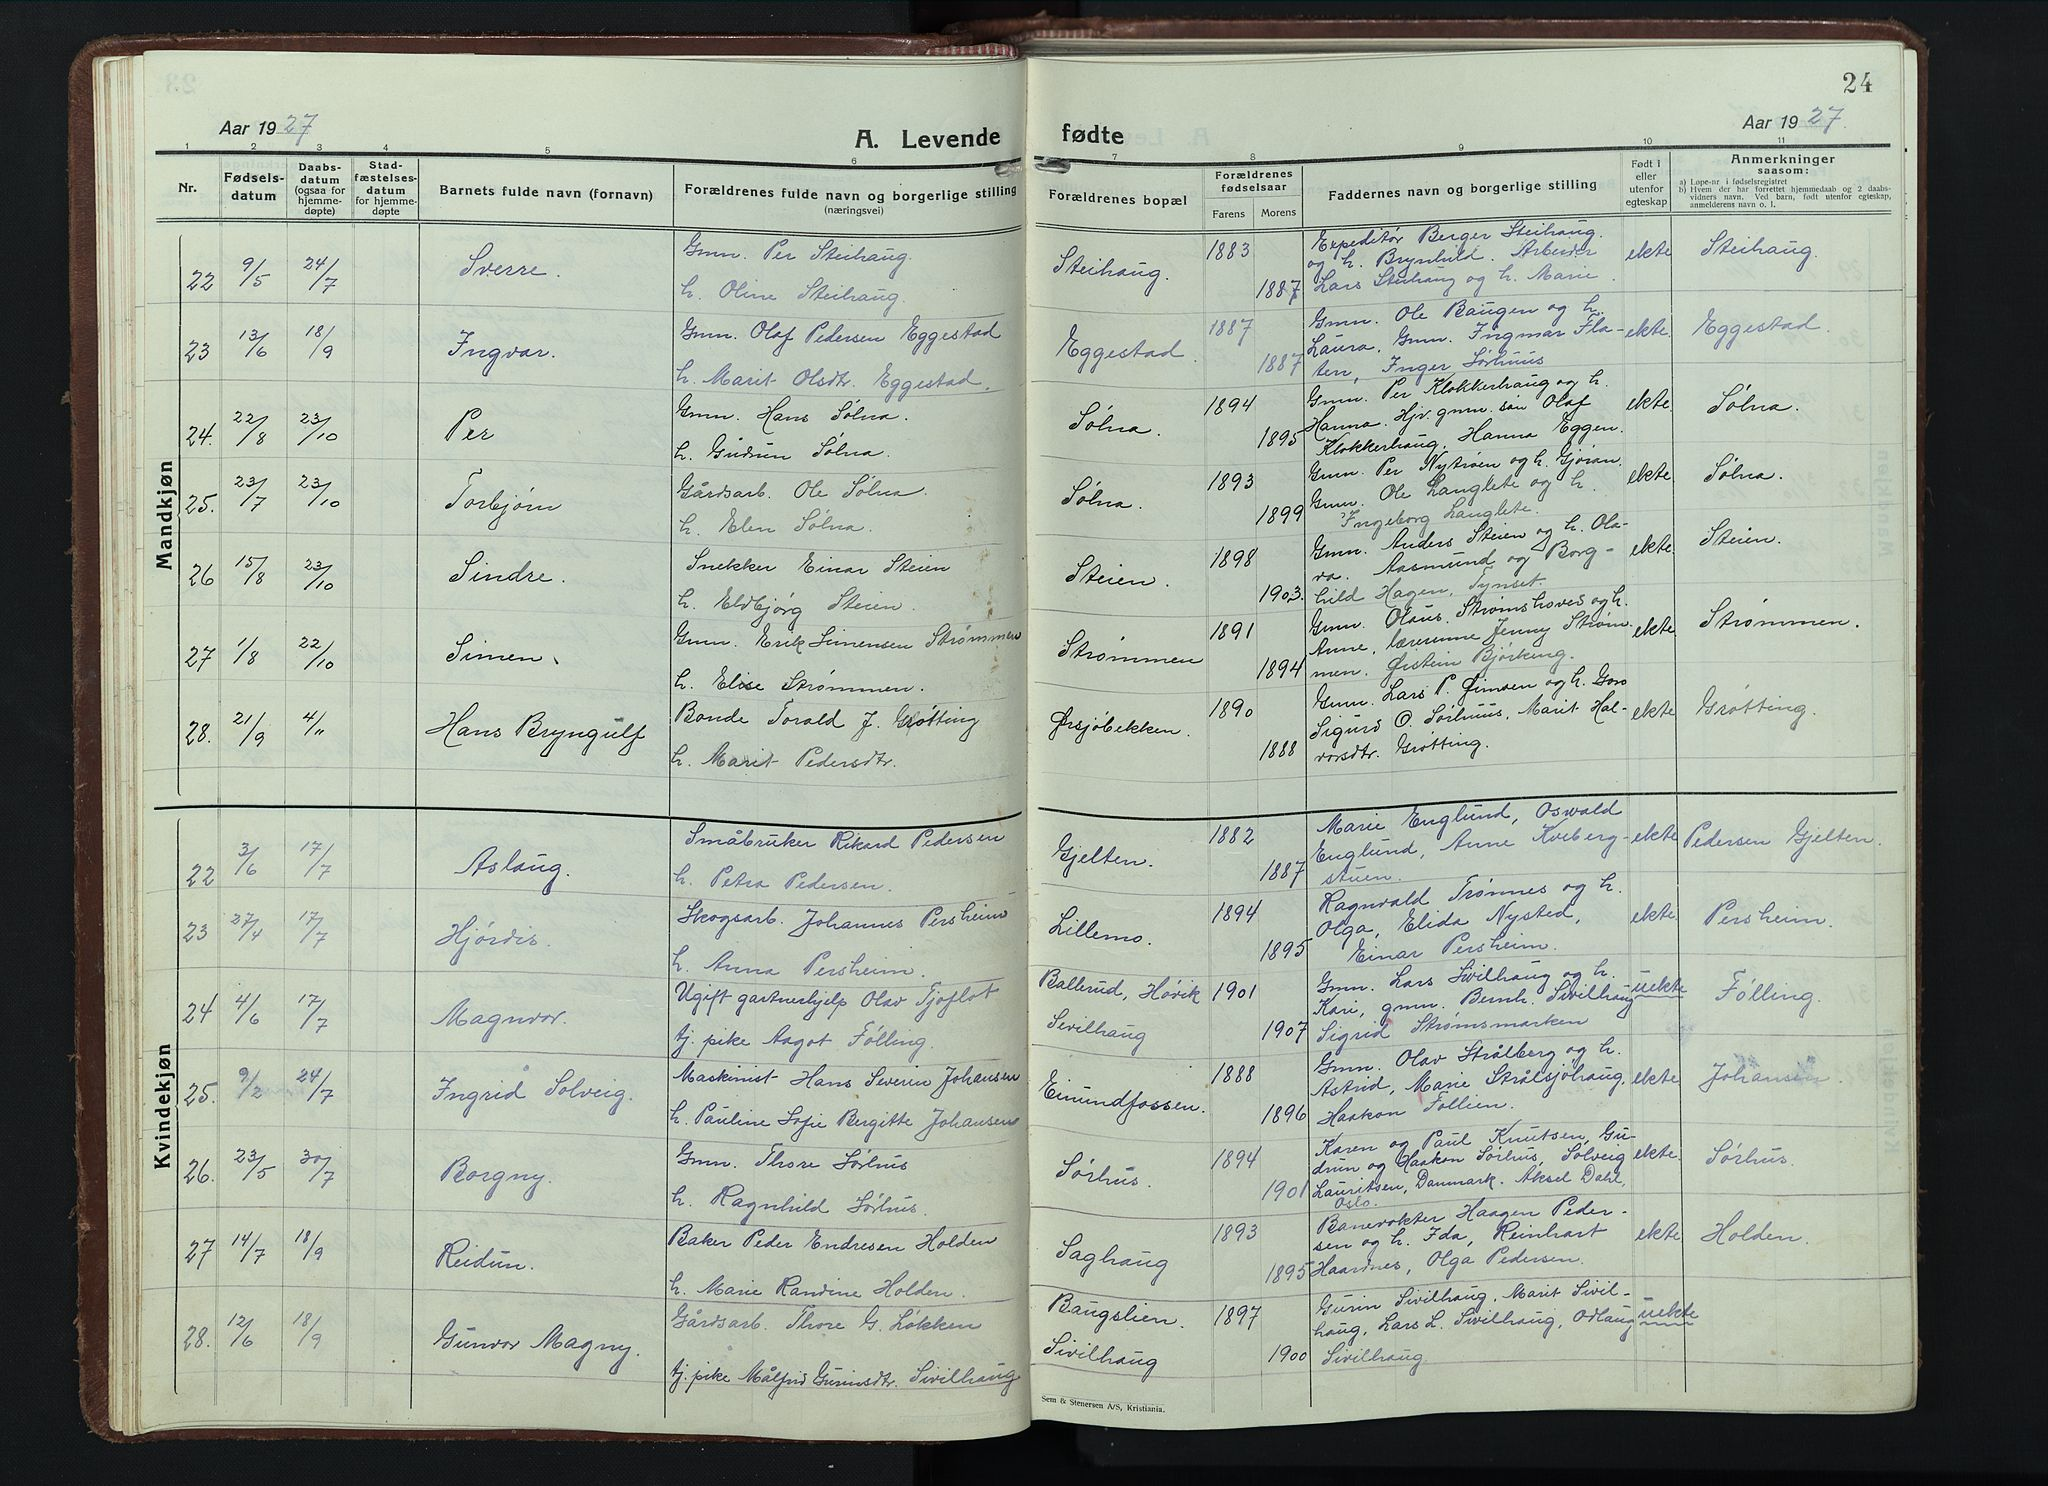 folketellinger etter 1910